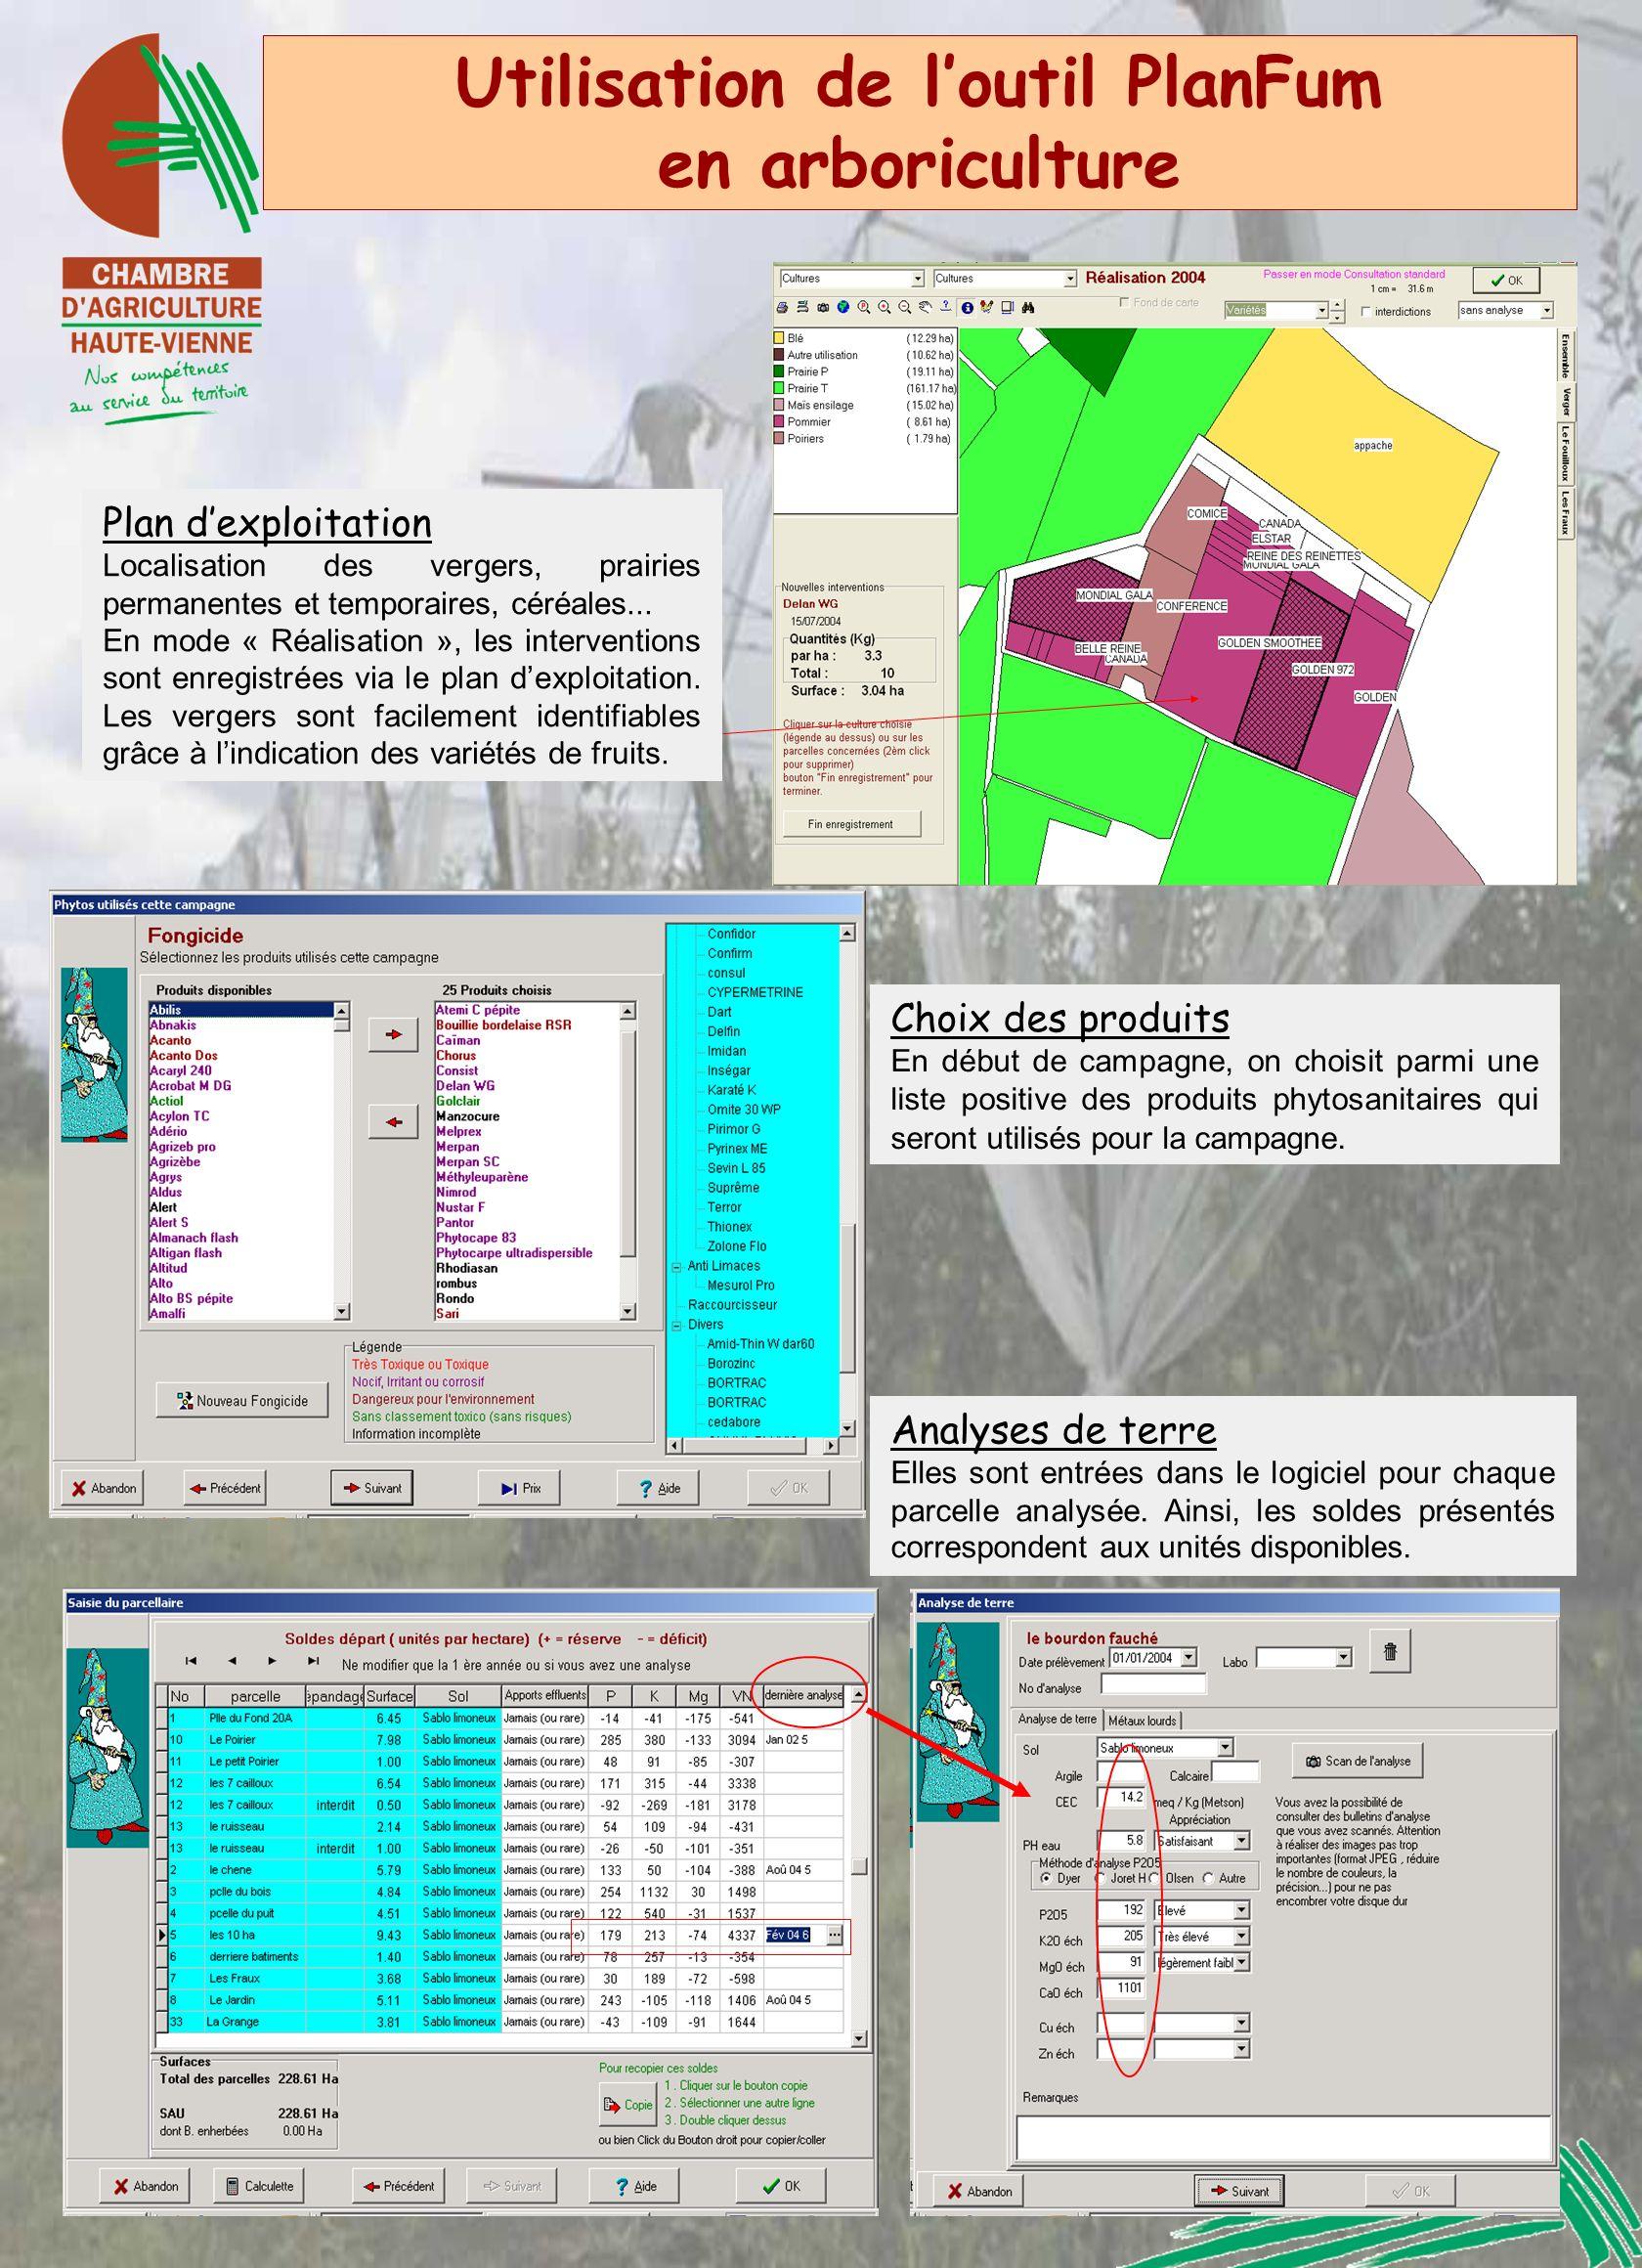 Utilisation de l'outil PlanFum en arboriculture